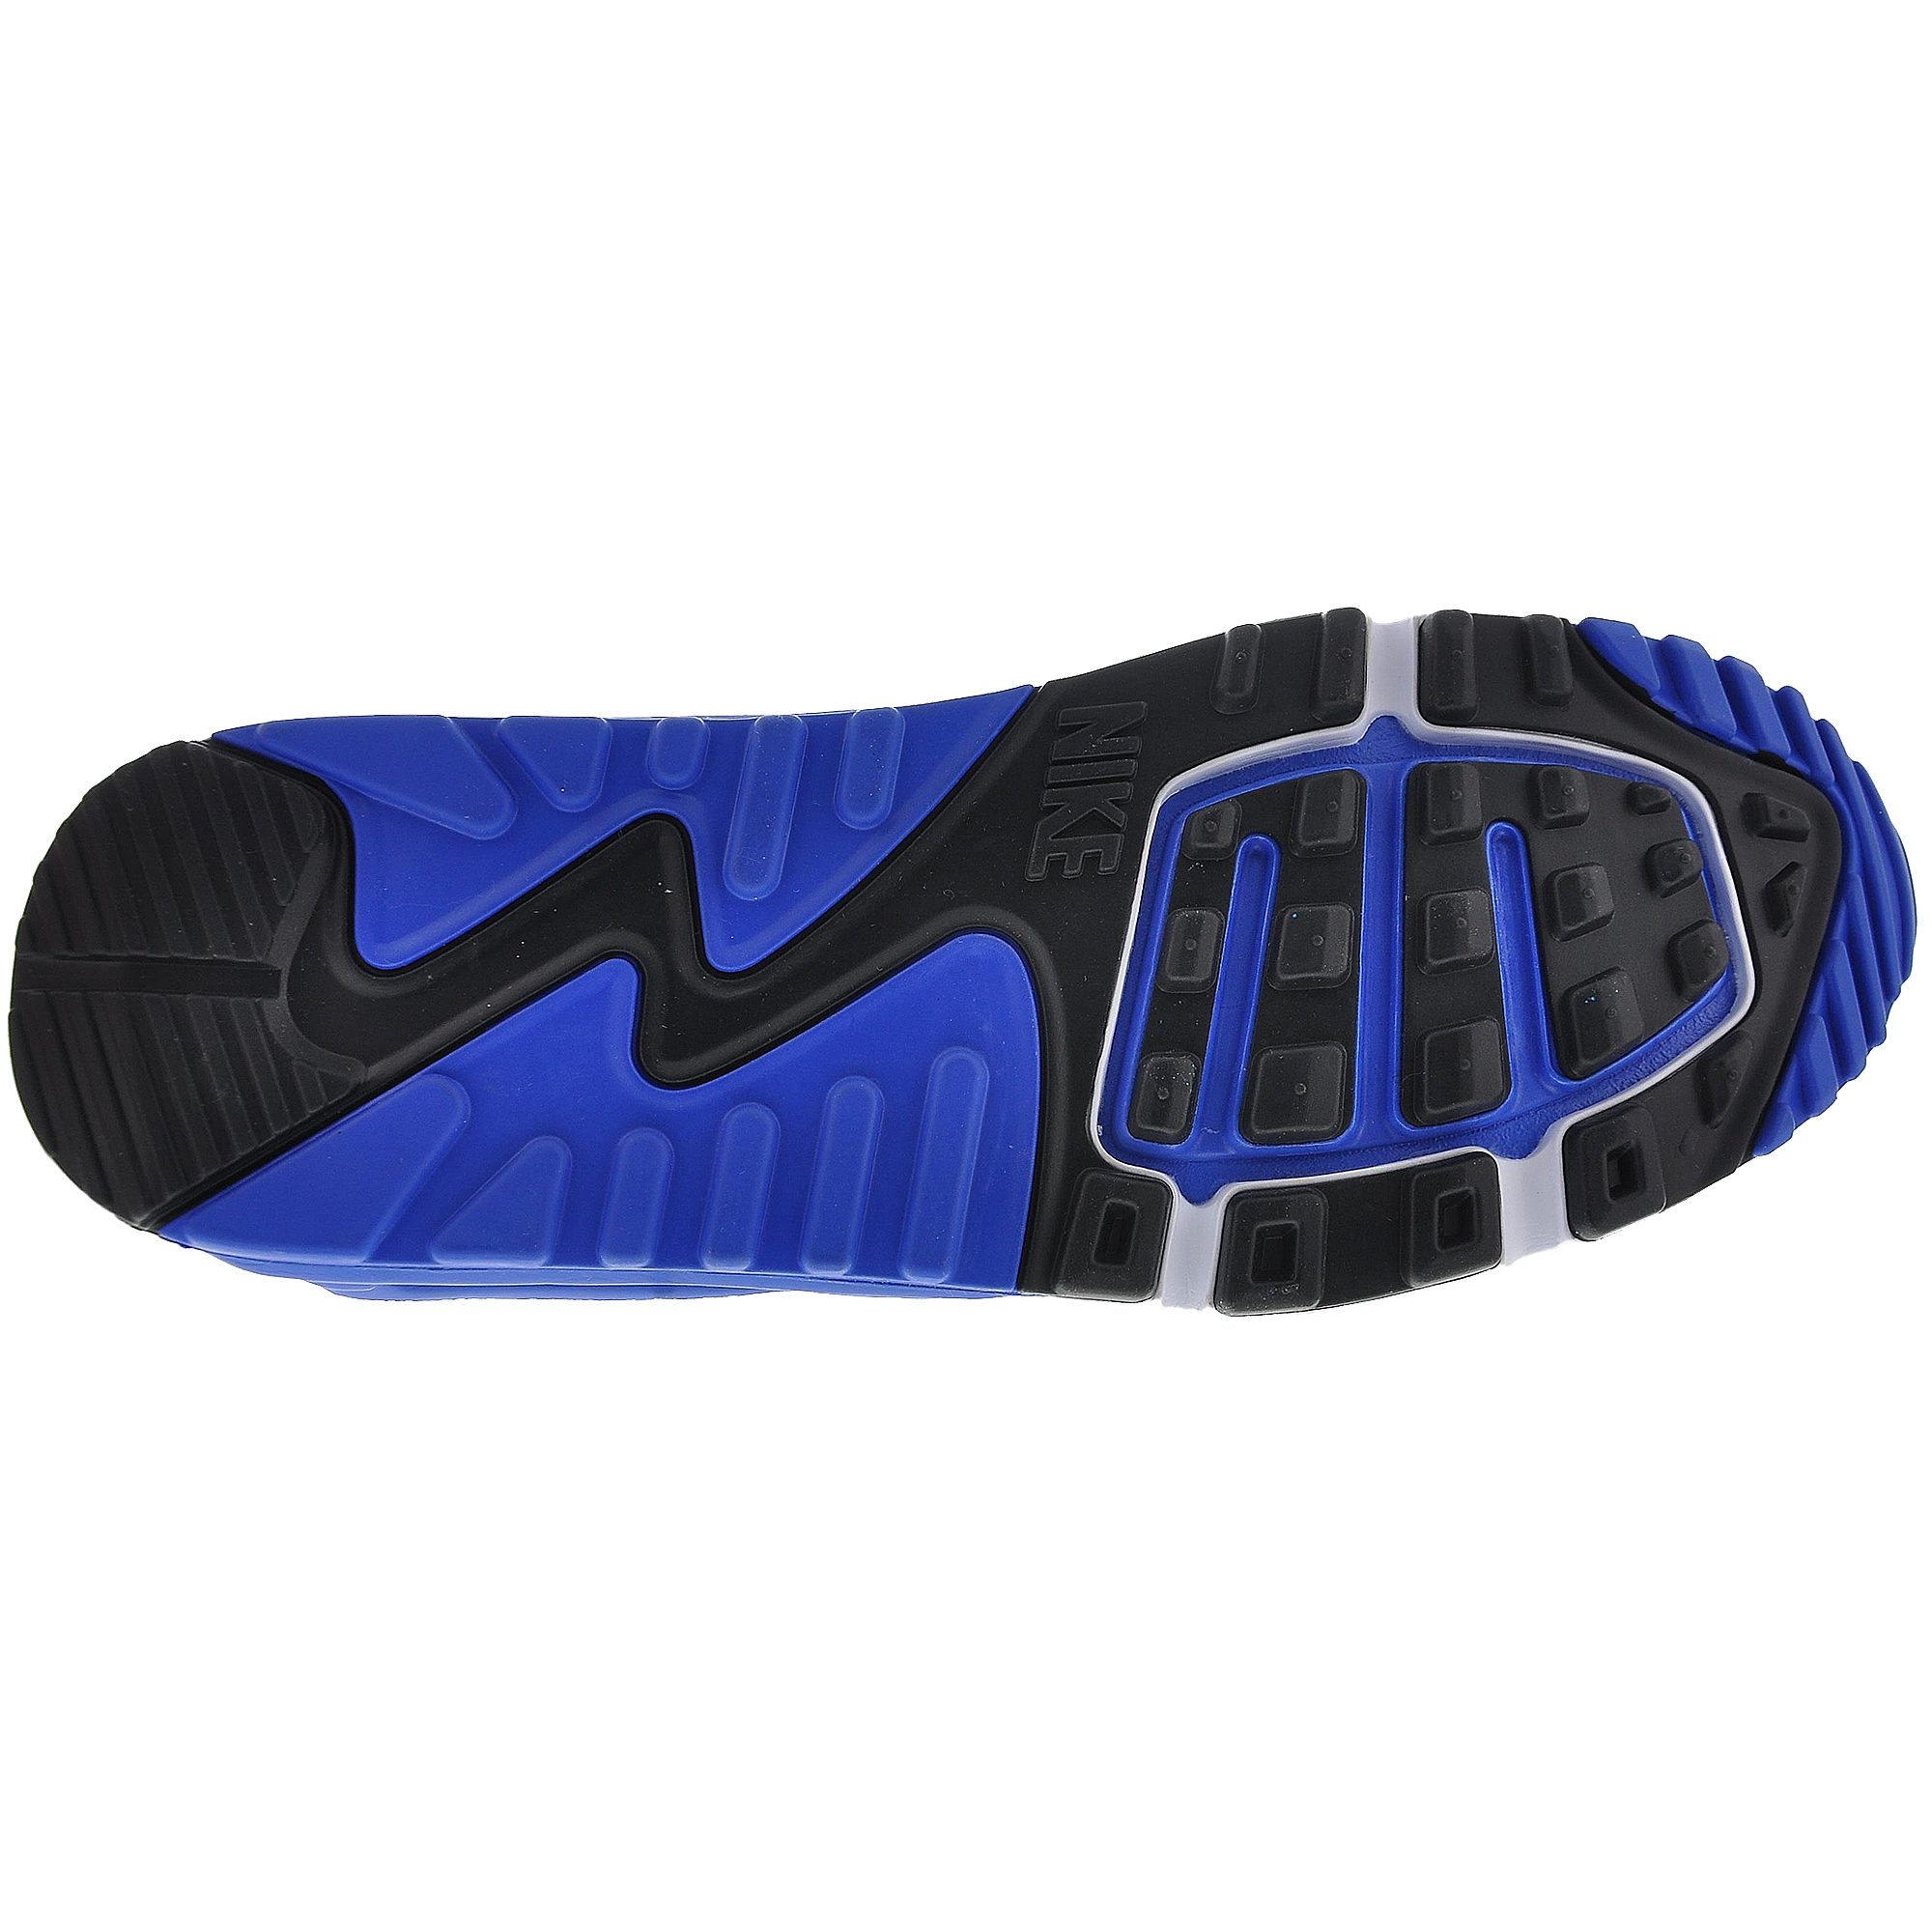 super popular 2bab3 4fe67 ... best nike air max lunar 90 breeze erkek spor ayakkab 081a7 034ec